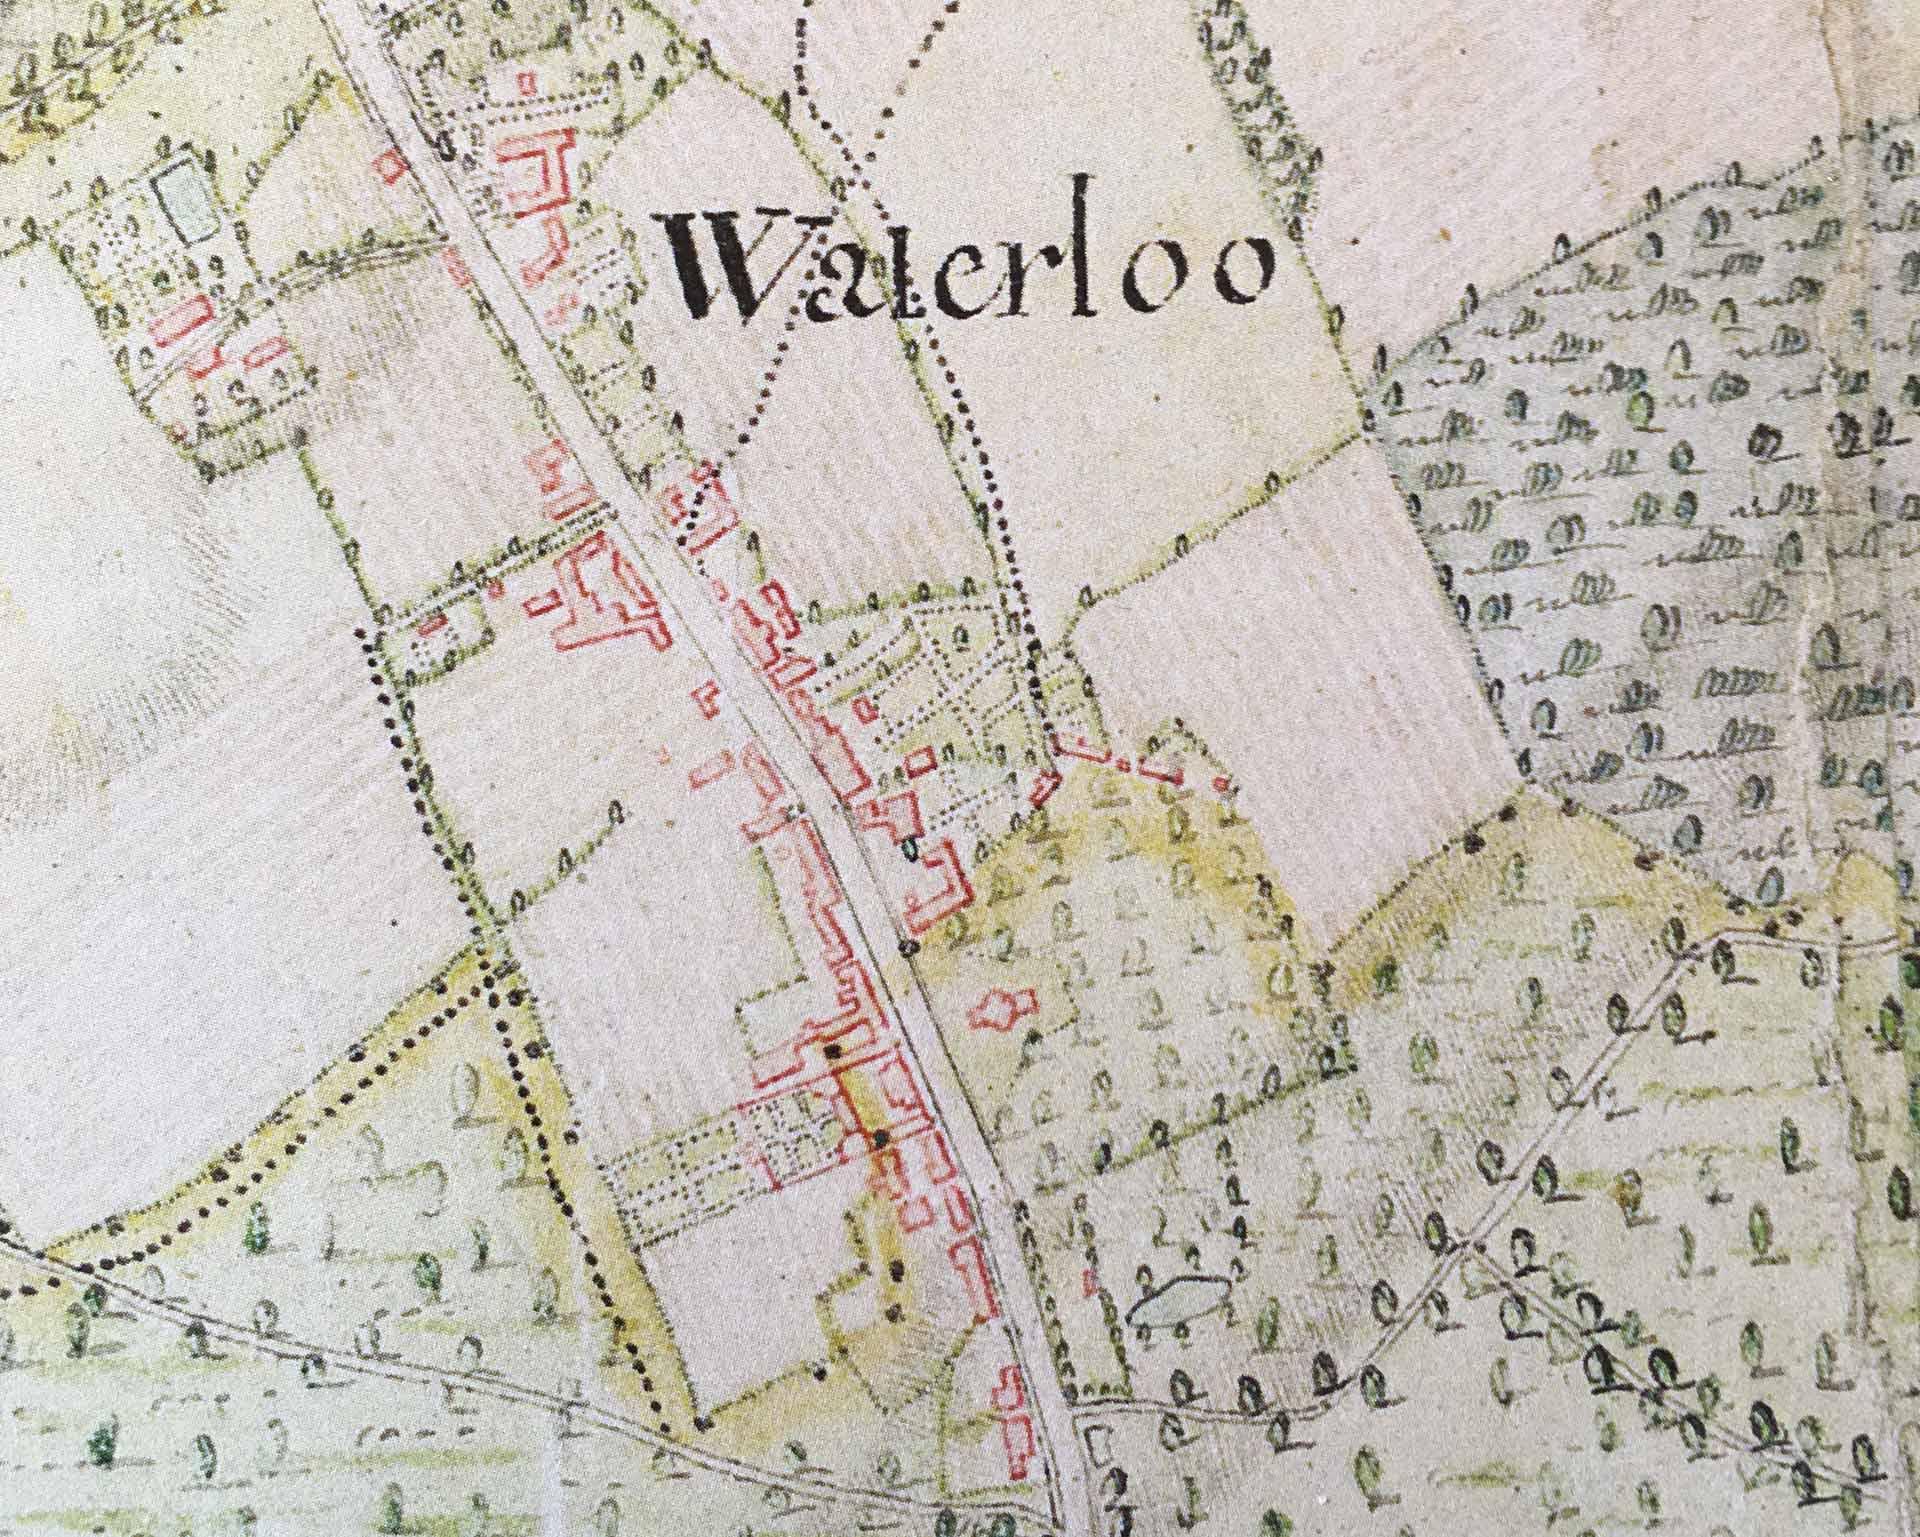 Waterloo Battlefield Tours